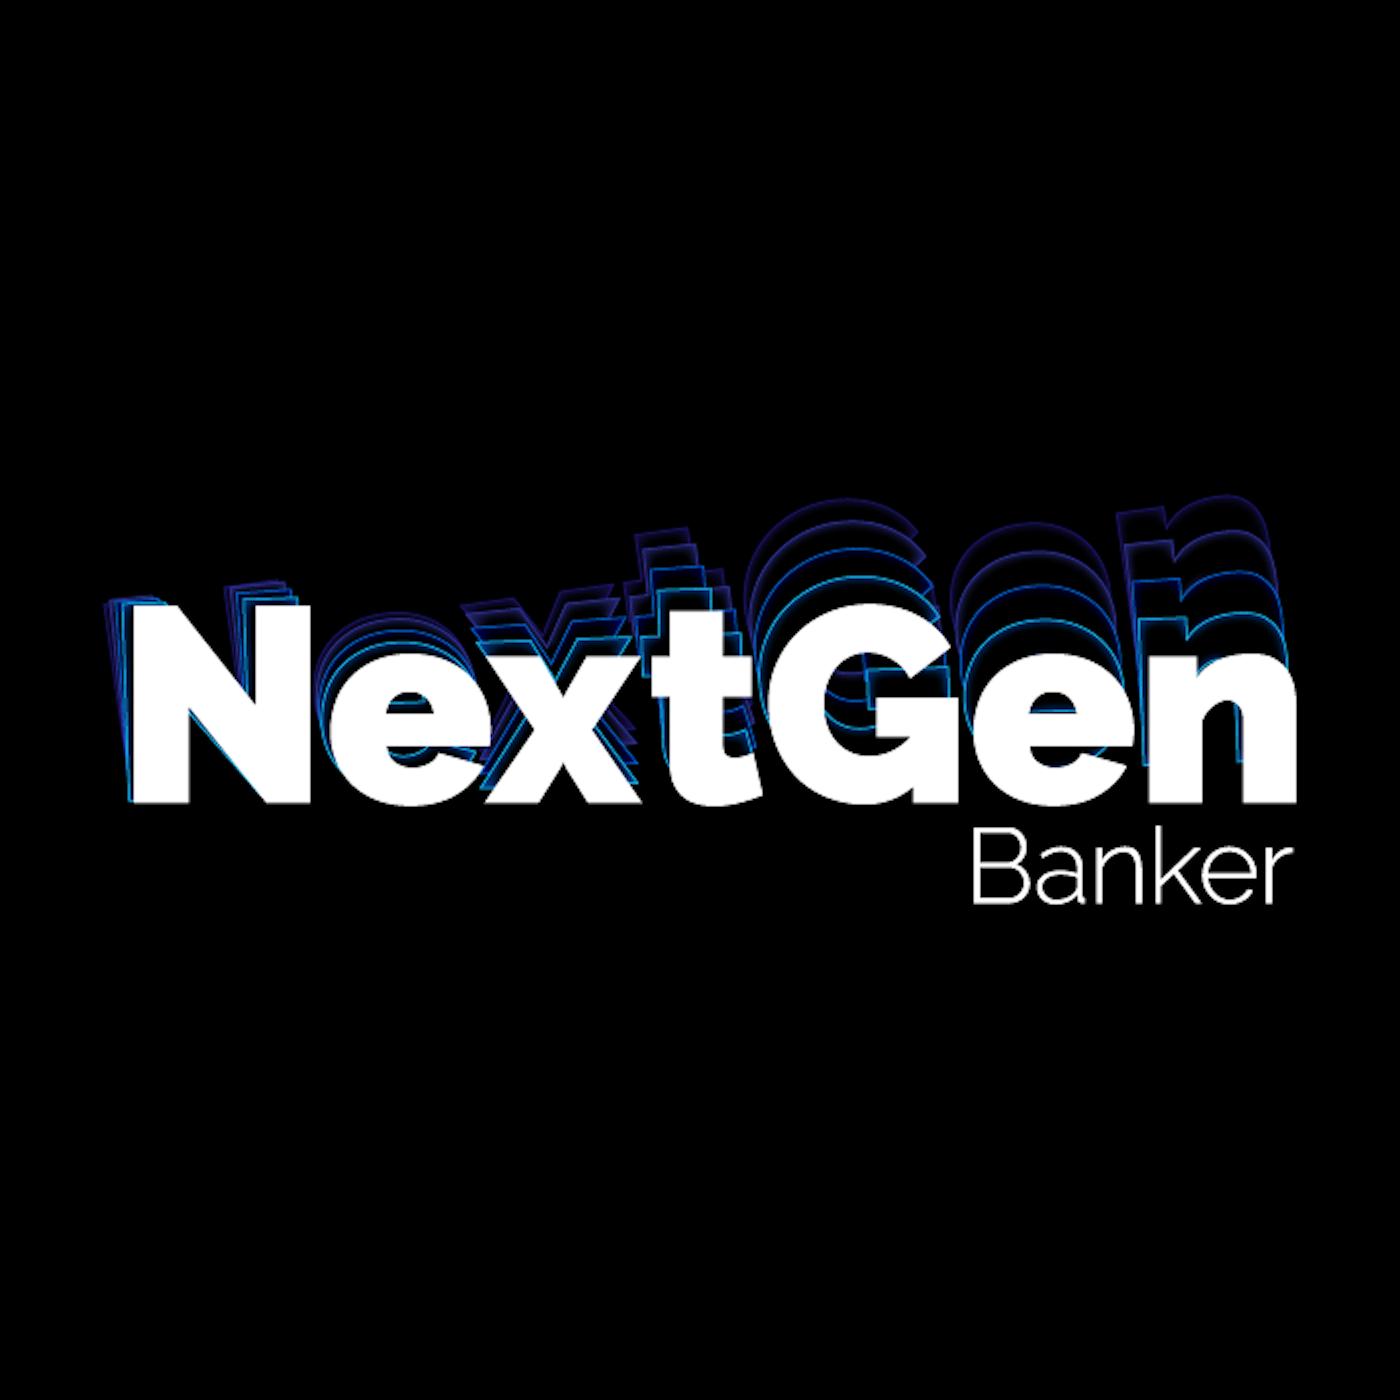 NextGen Banker